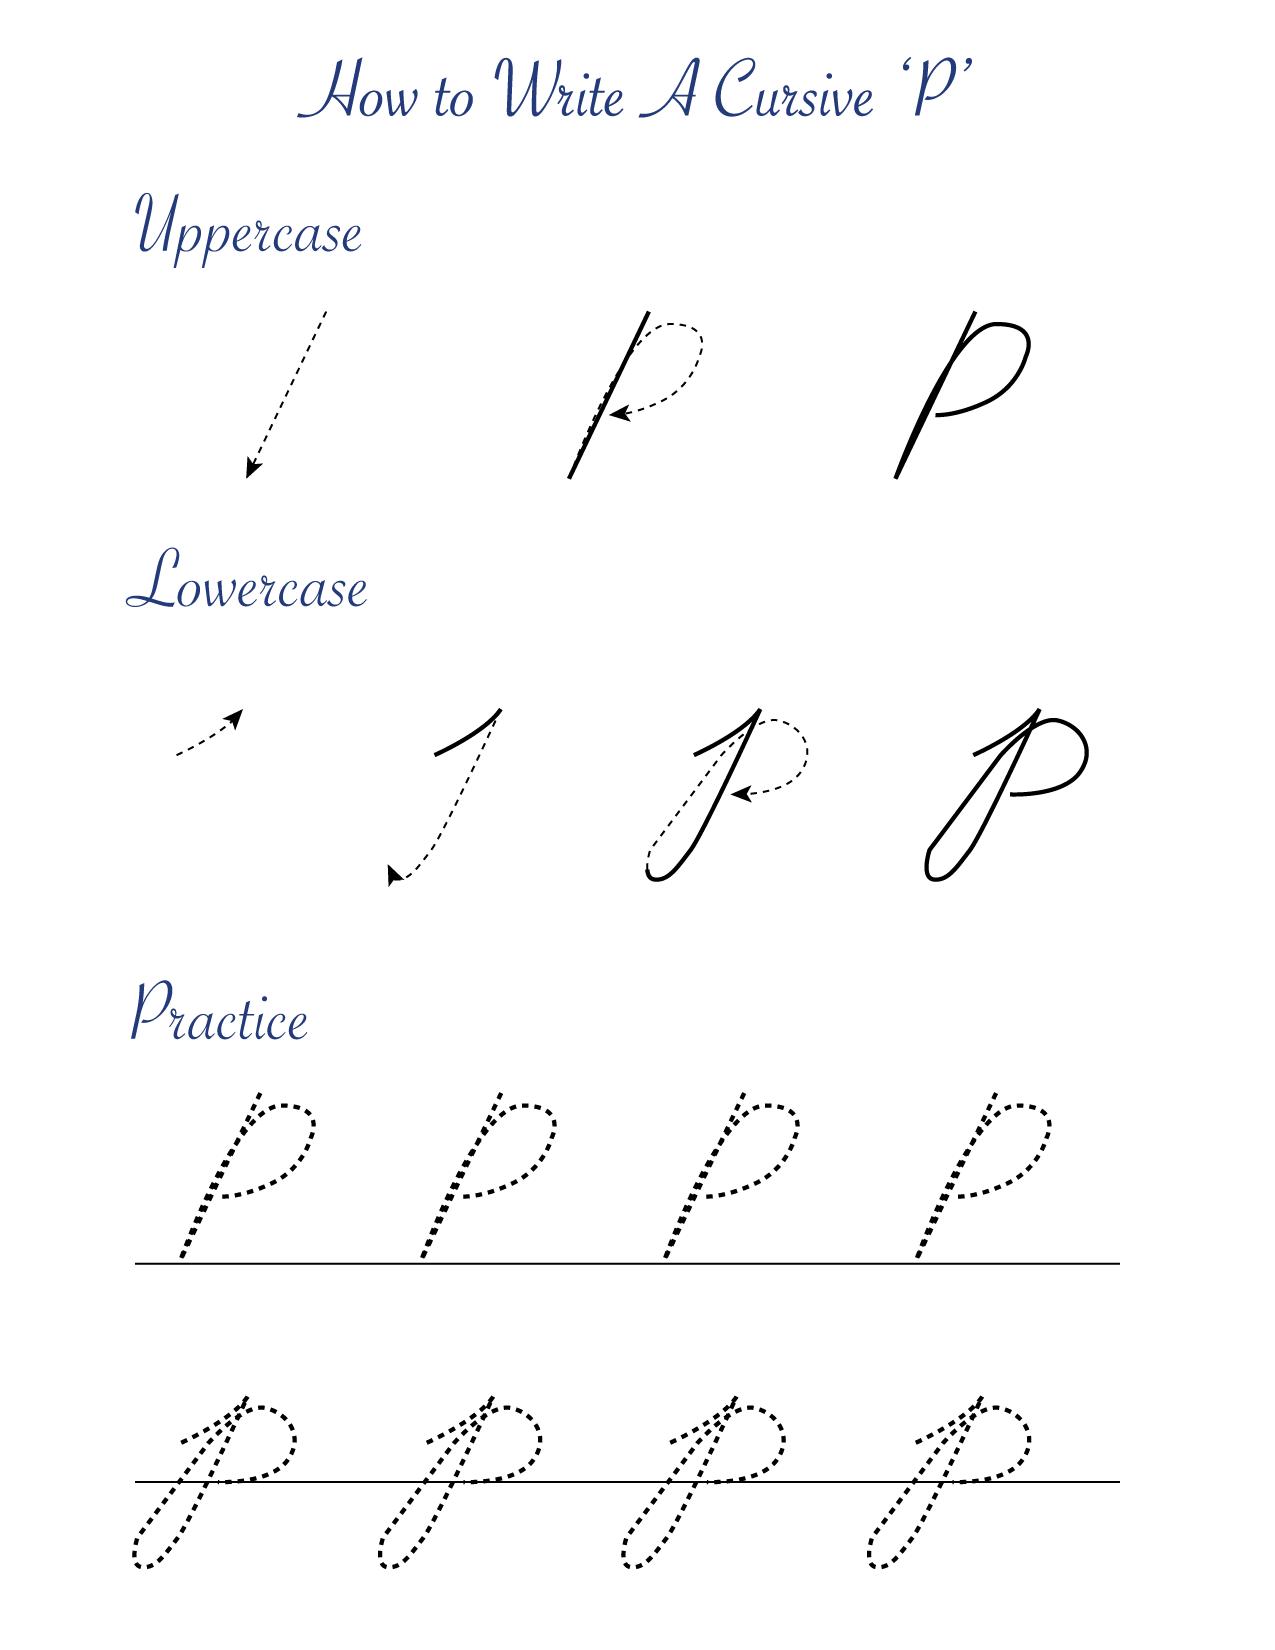 How to write a cursive 'P'